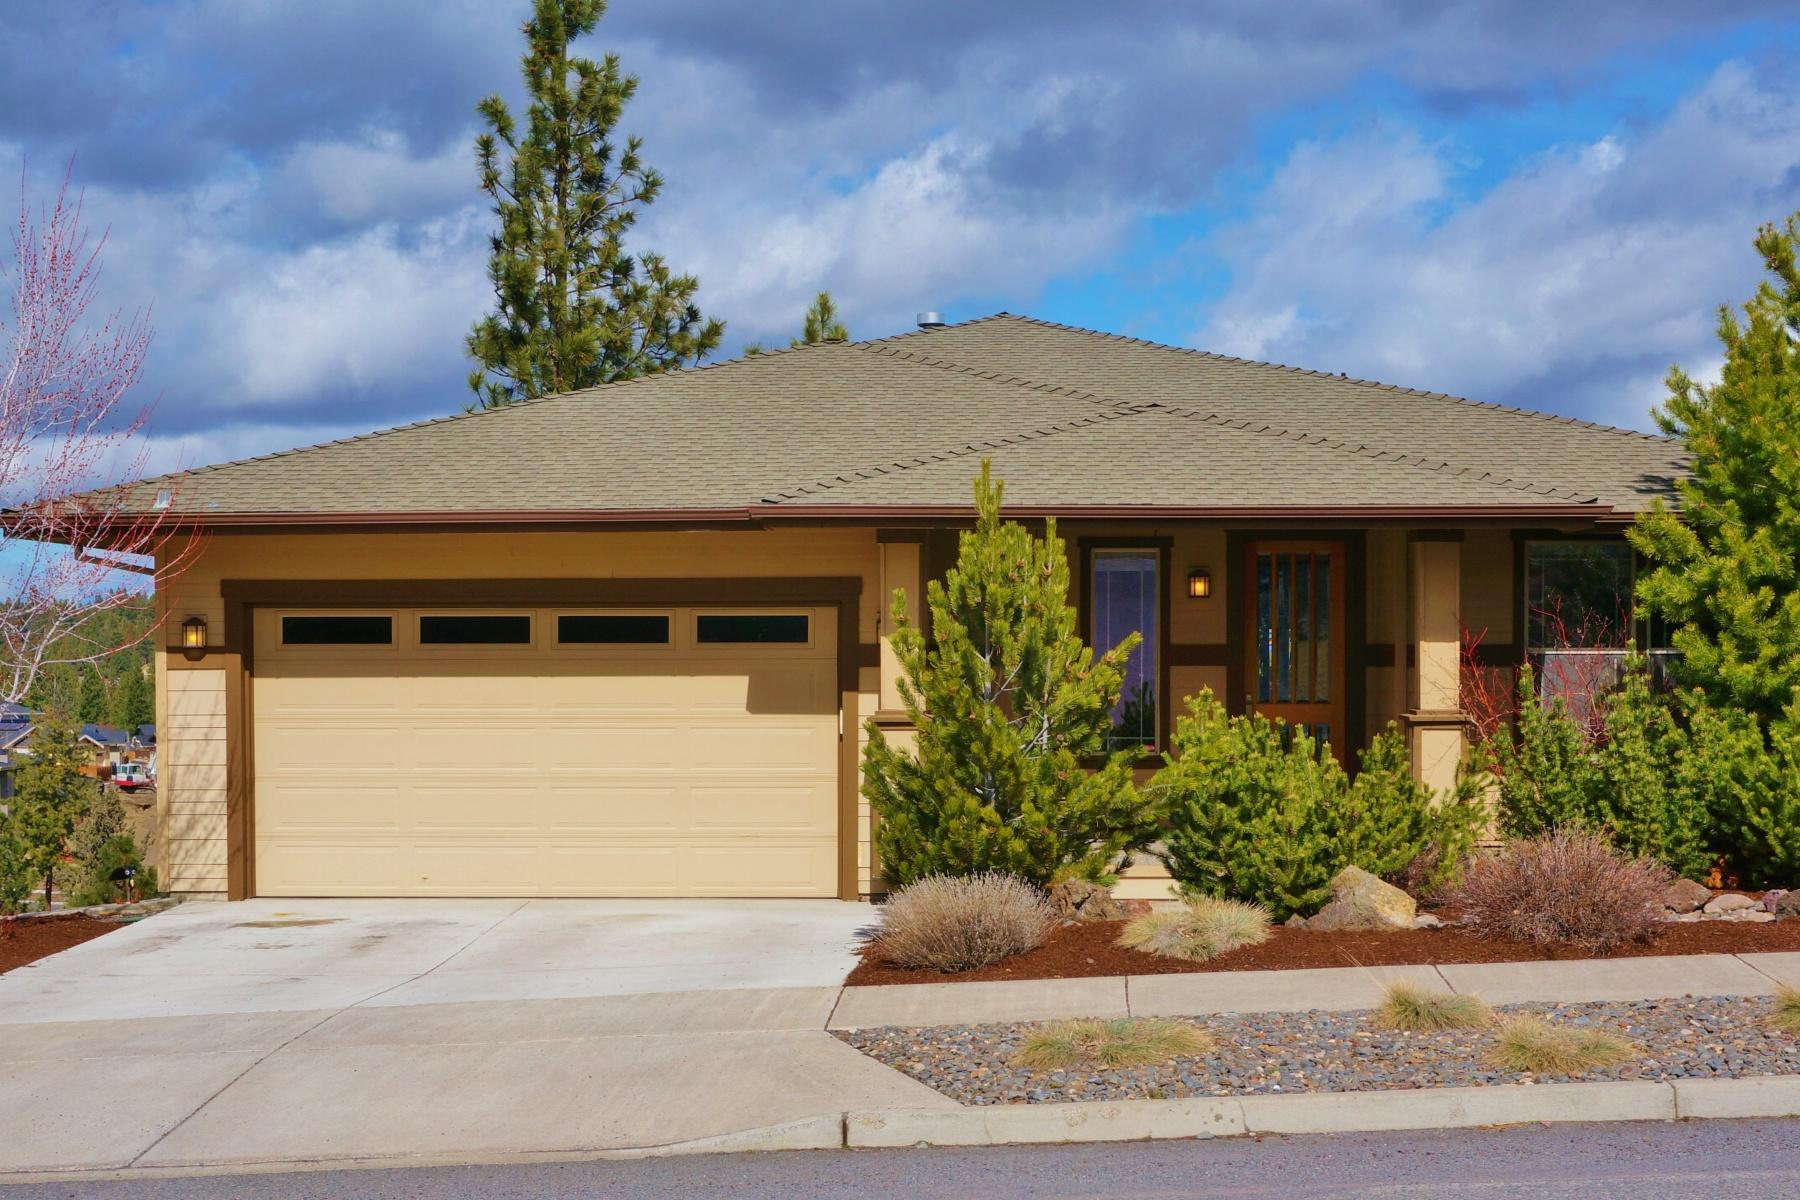 独户住宅 为 销售 在 547 NW Flagline, BEND 547 NW Flagline Dr 本德, 俄勒冈州, 97701 美国